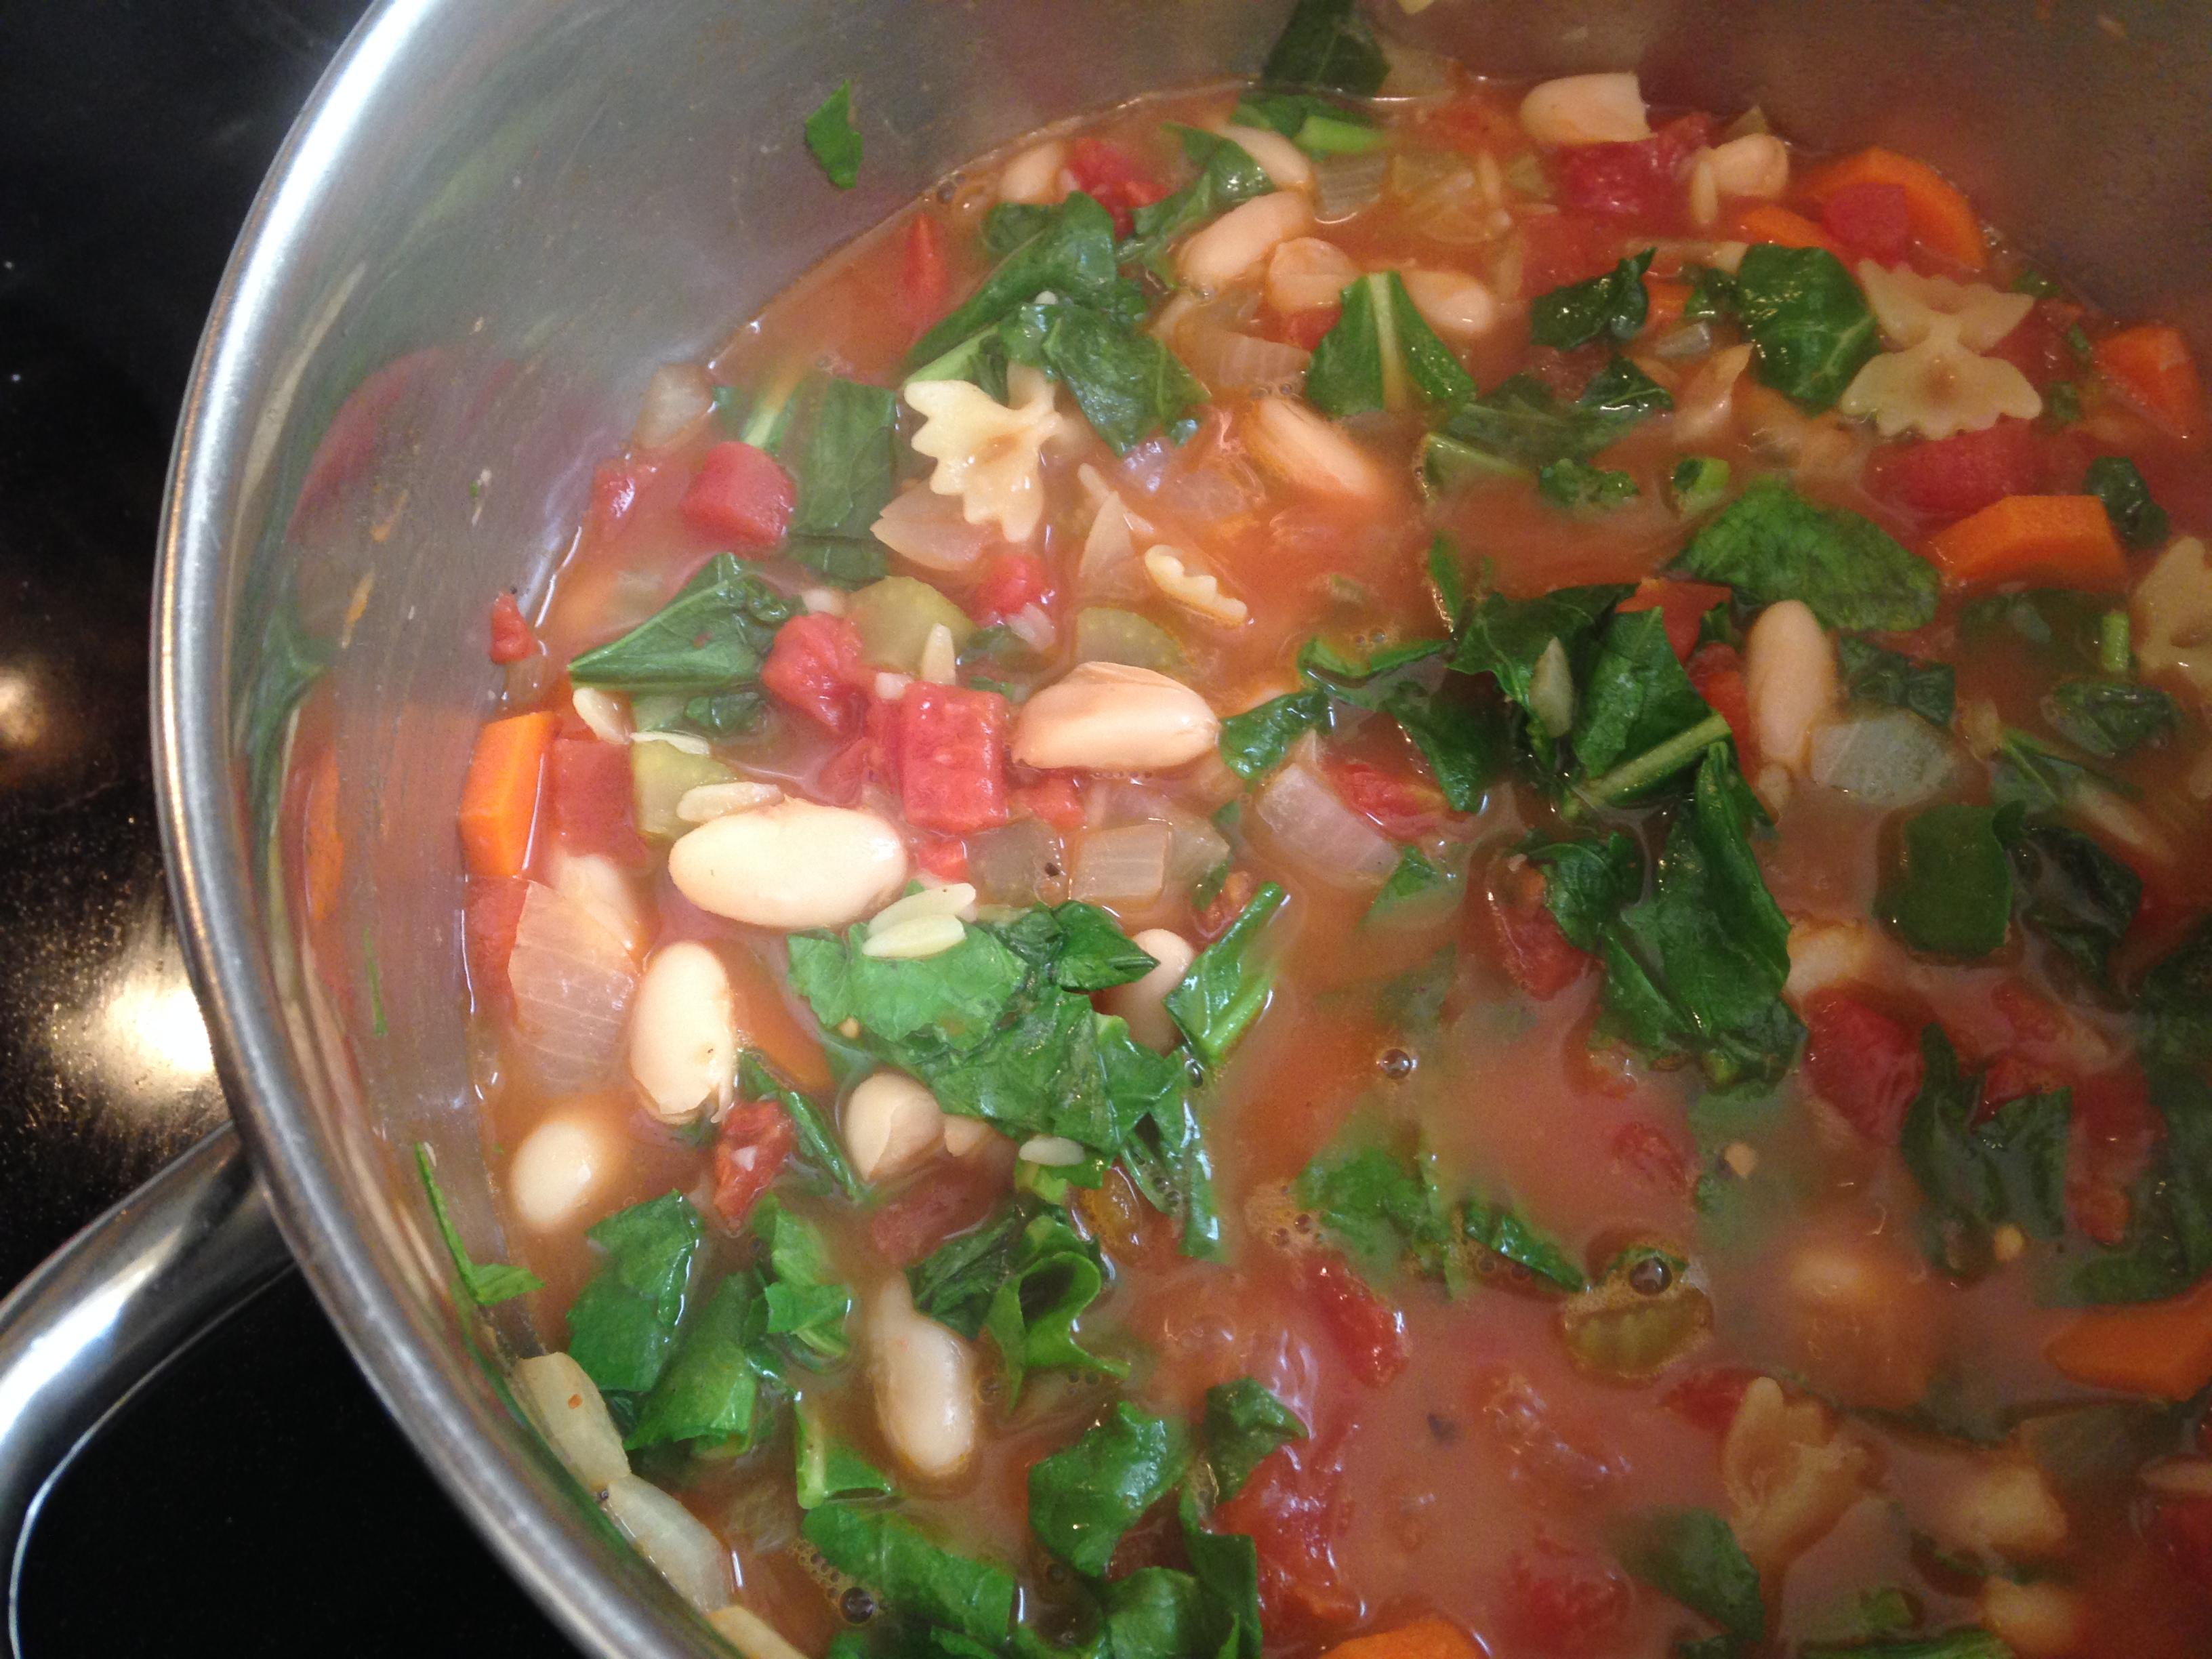 45 minute minestrone soup recipe u2013 chef paulette